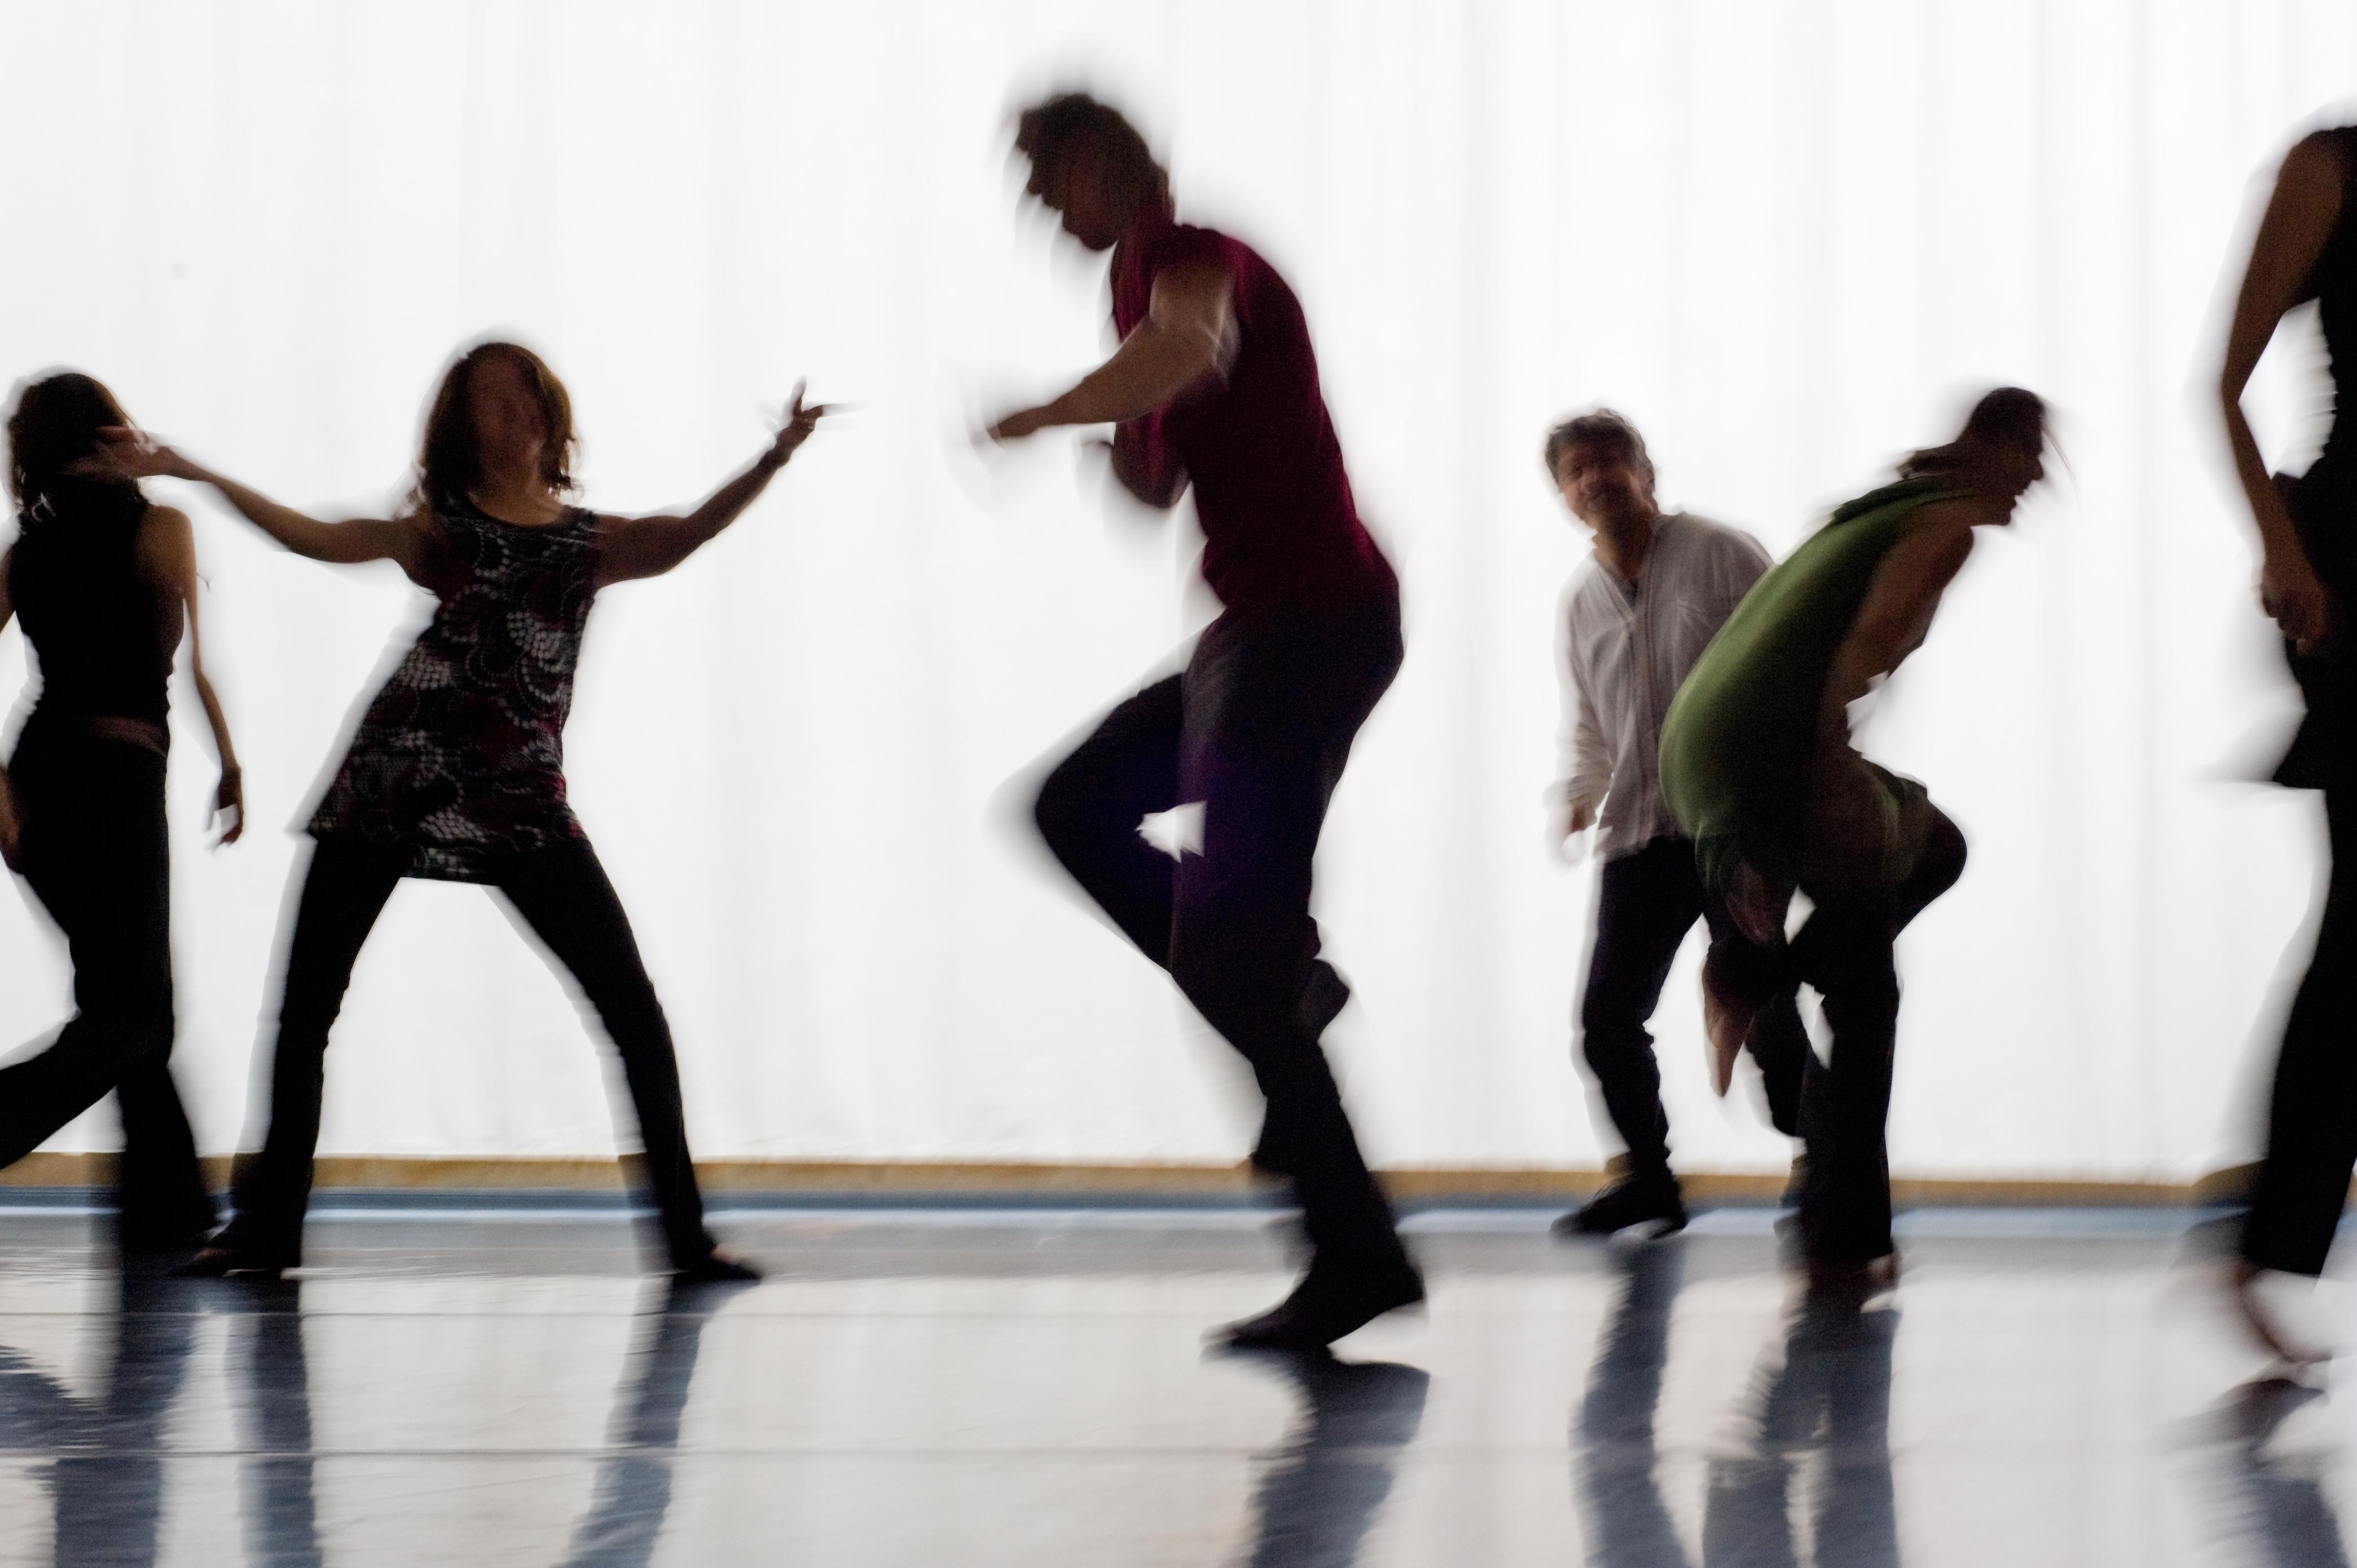 Tanzen Salzburg 5 Rhythmen DANCEworks